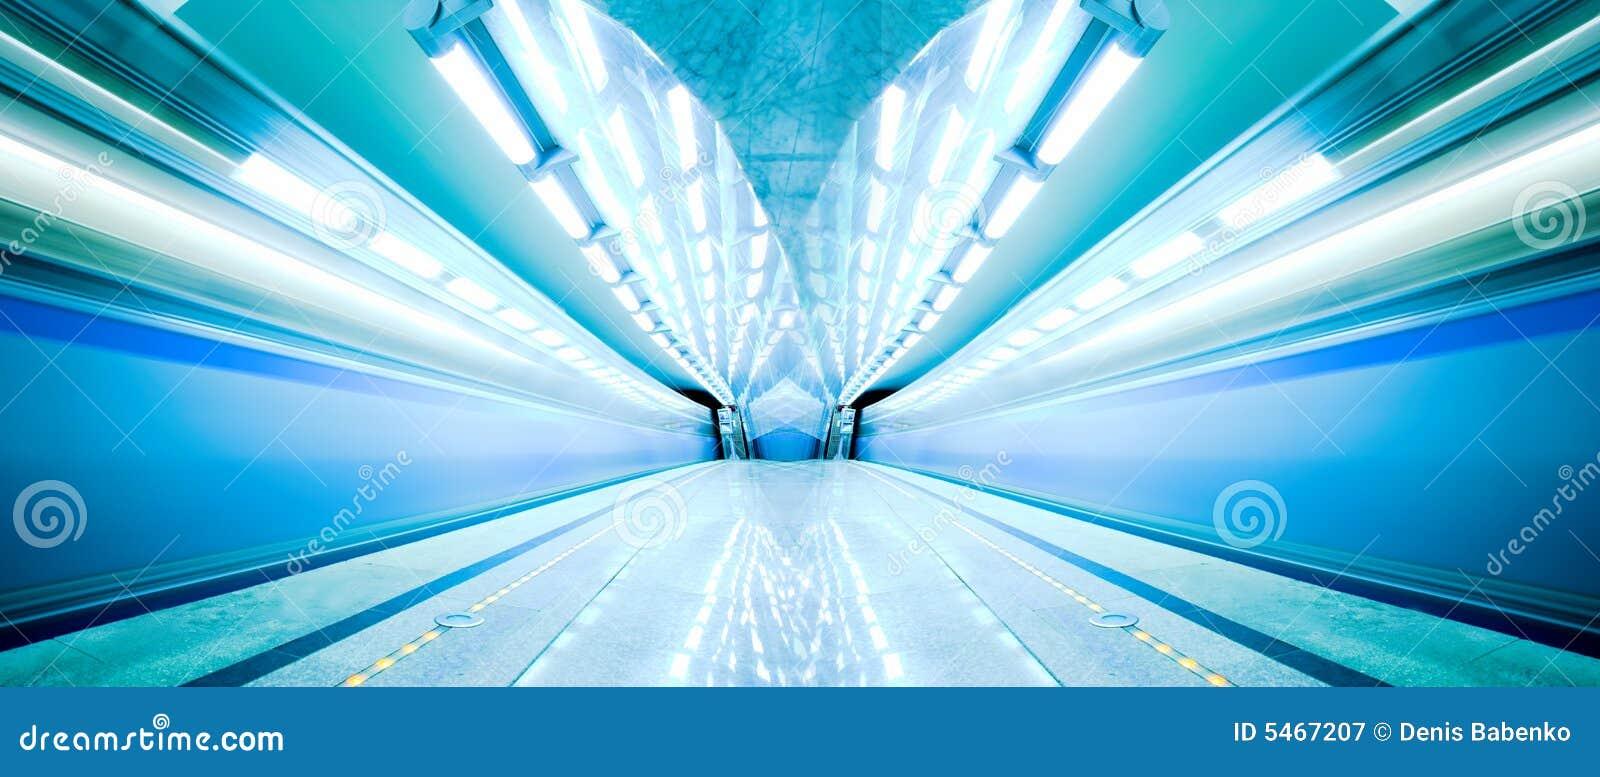 Retén azul del tren rápido en la plataforma